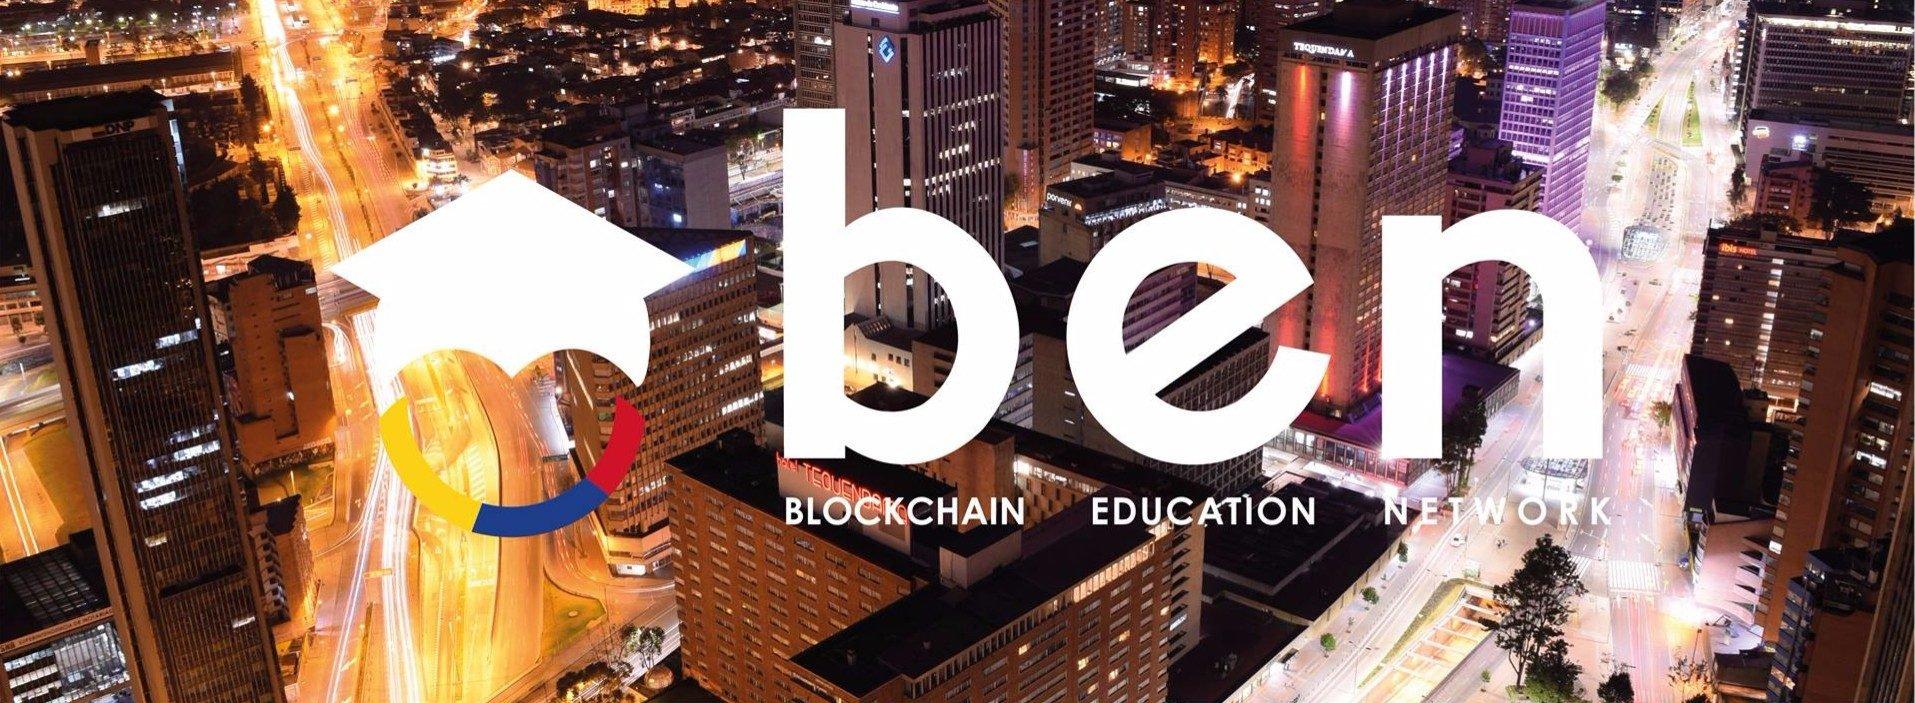 universidad-nacional-colombia-simpsio-bitcoin-blockchain